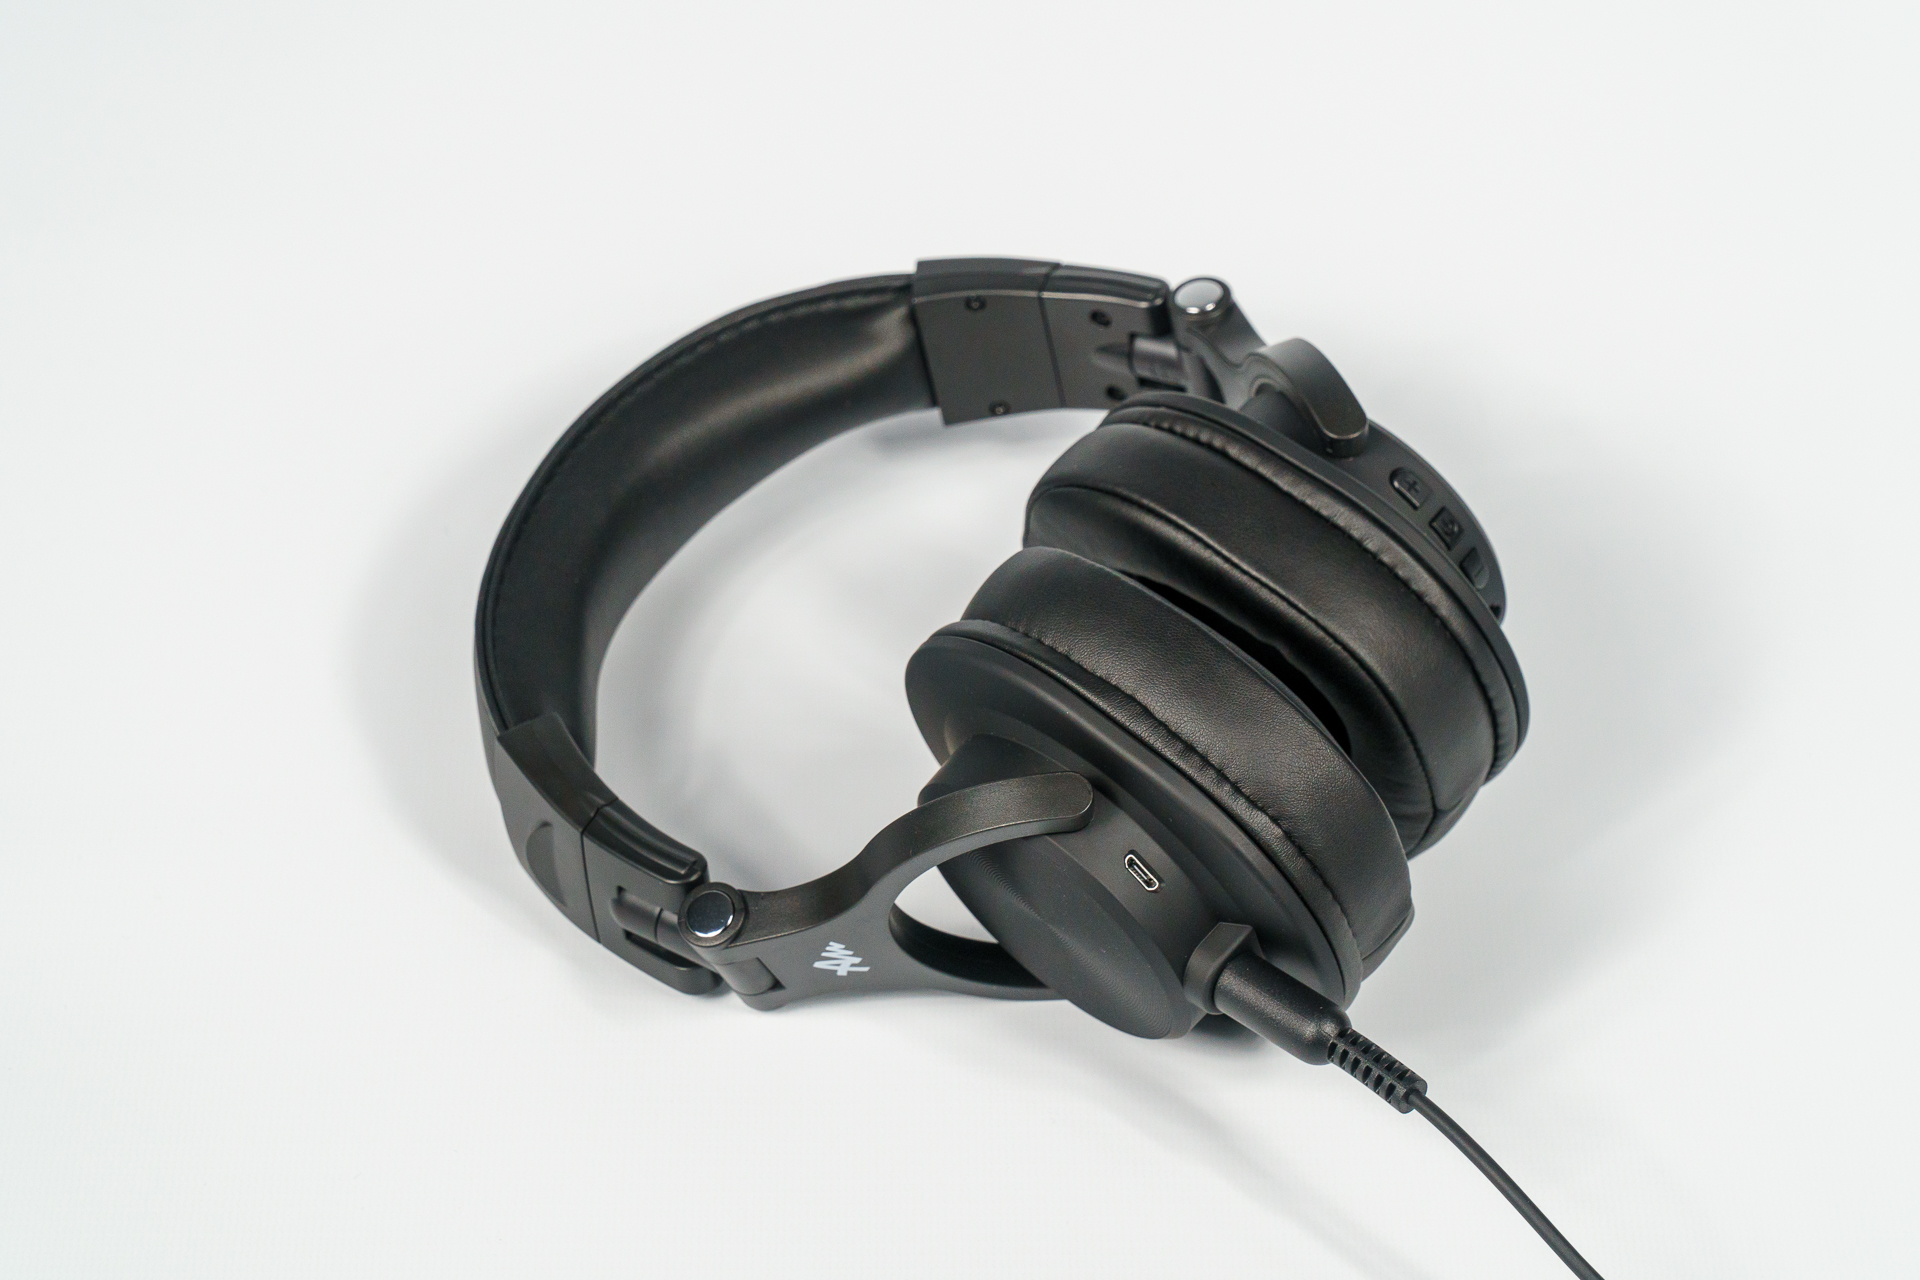 Słuchawki bezprzewodowe Audictus Leader - przyjemne zaskoczenie